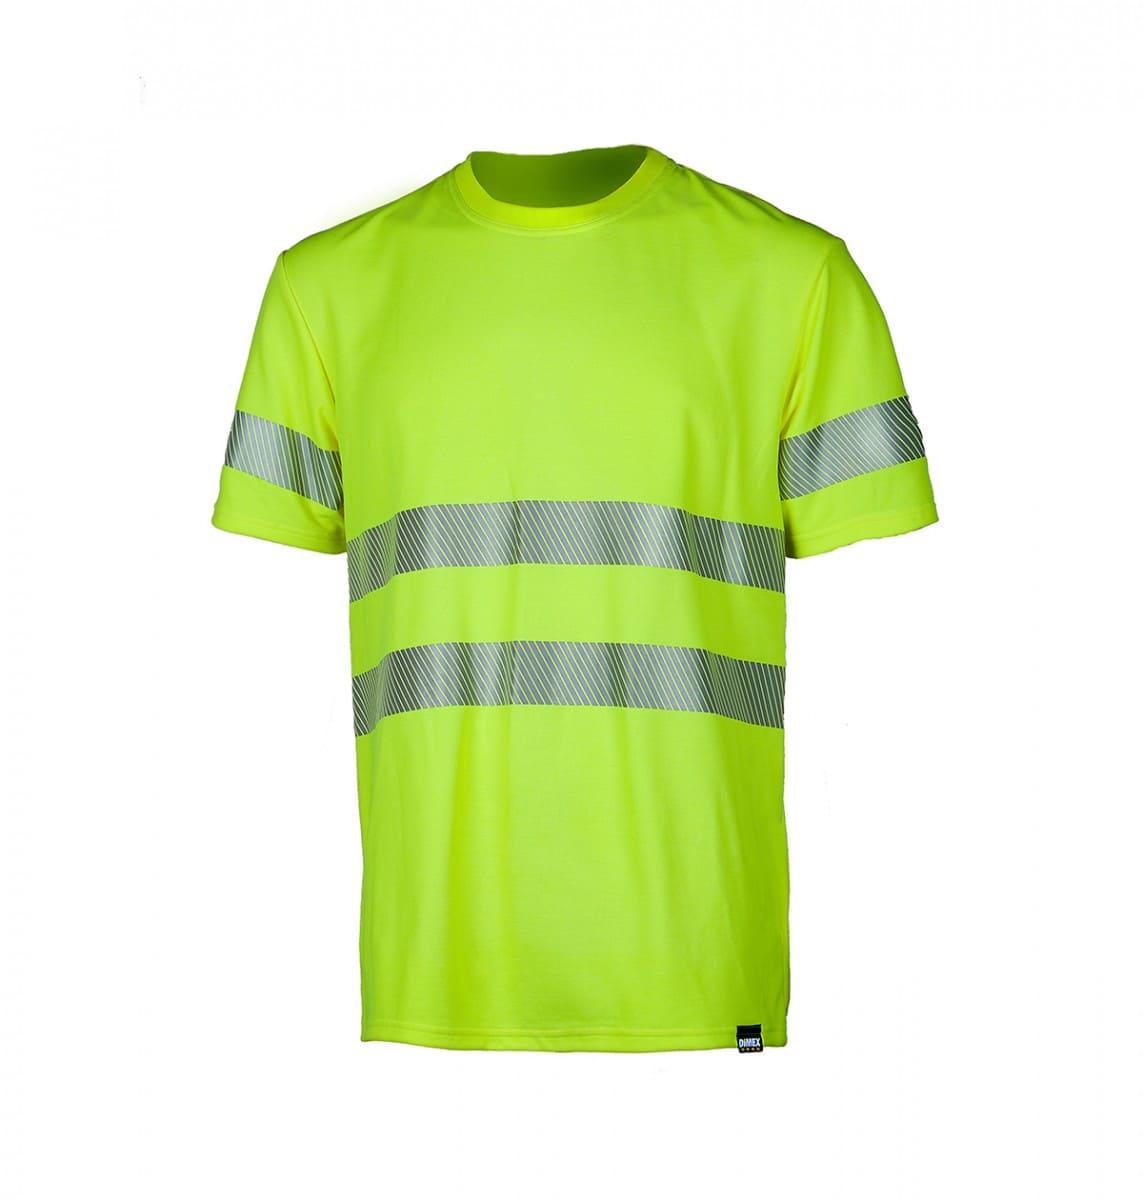 Футболка сигнальная светоотражающая с СОП лимонная(салатовая)